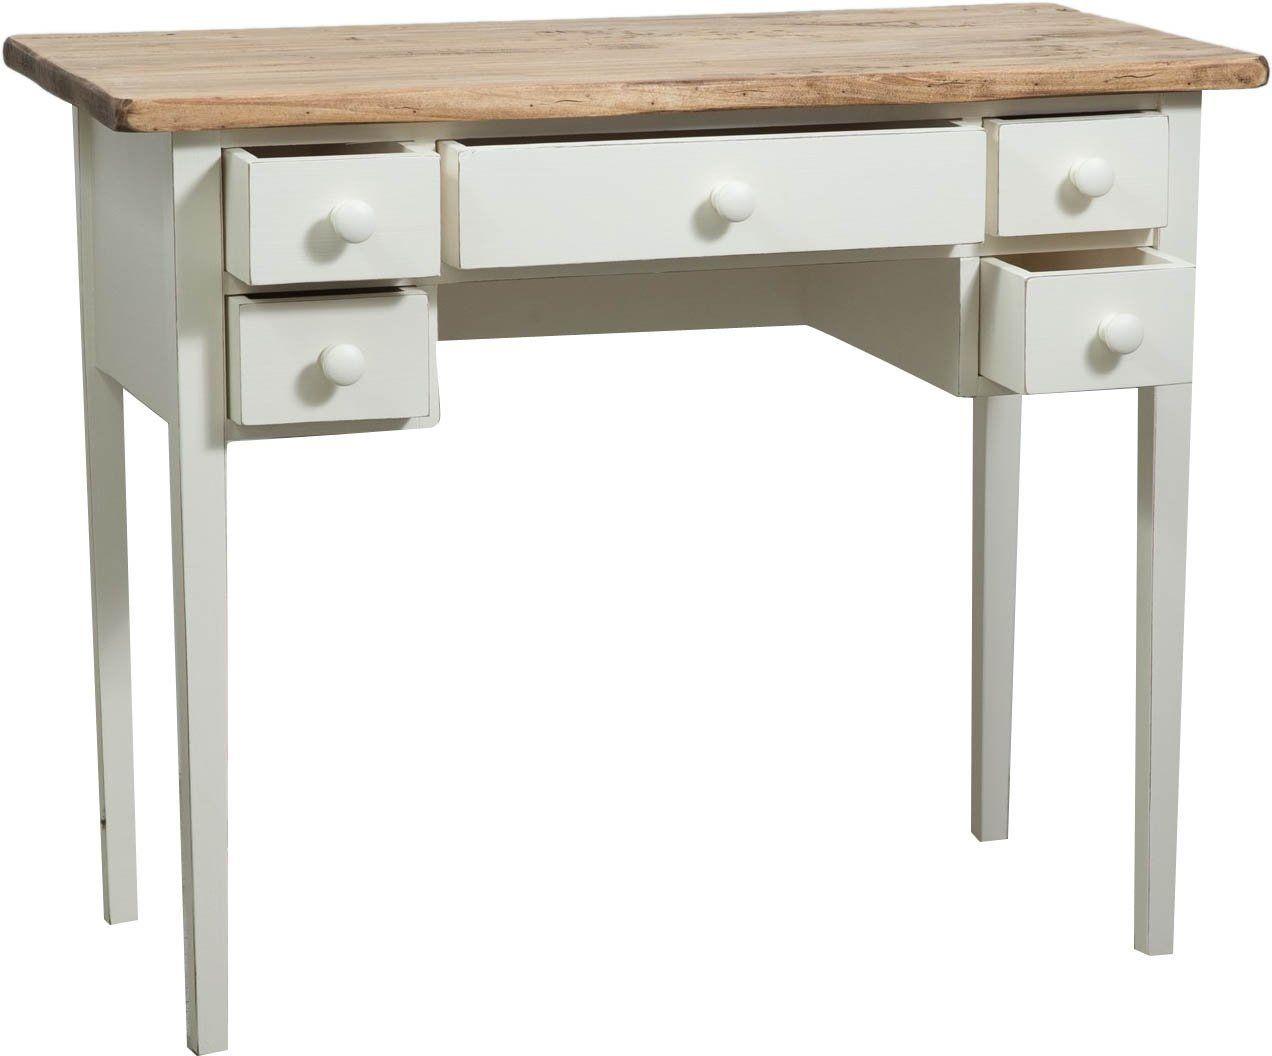 tavolino scrittoio in legno massello di tiglio struttura bianca ... - Tavolino Cucina